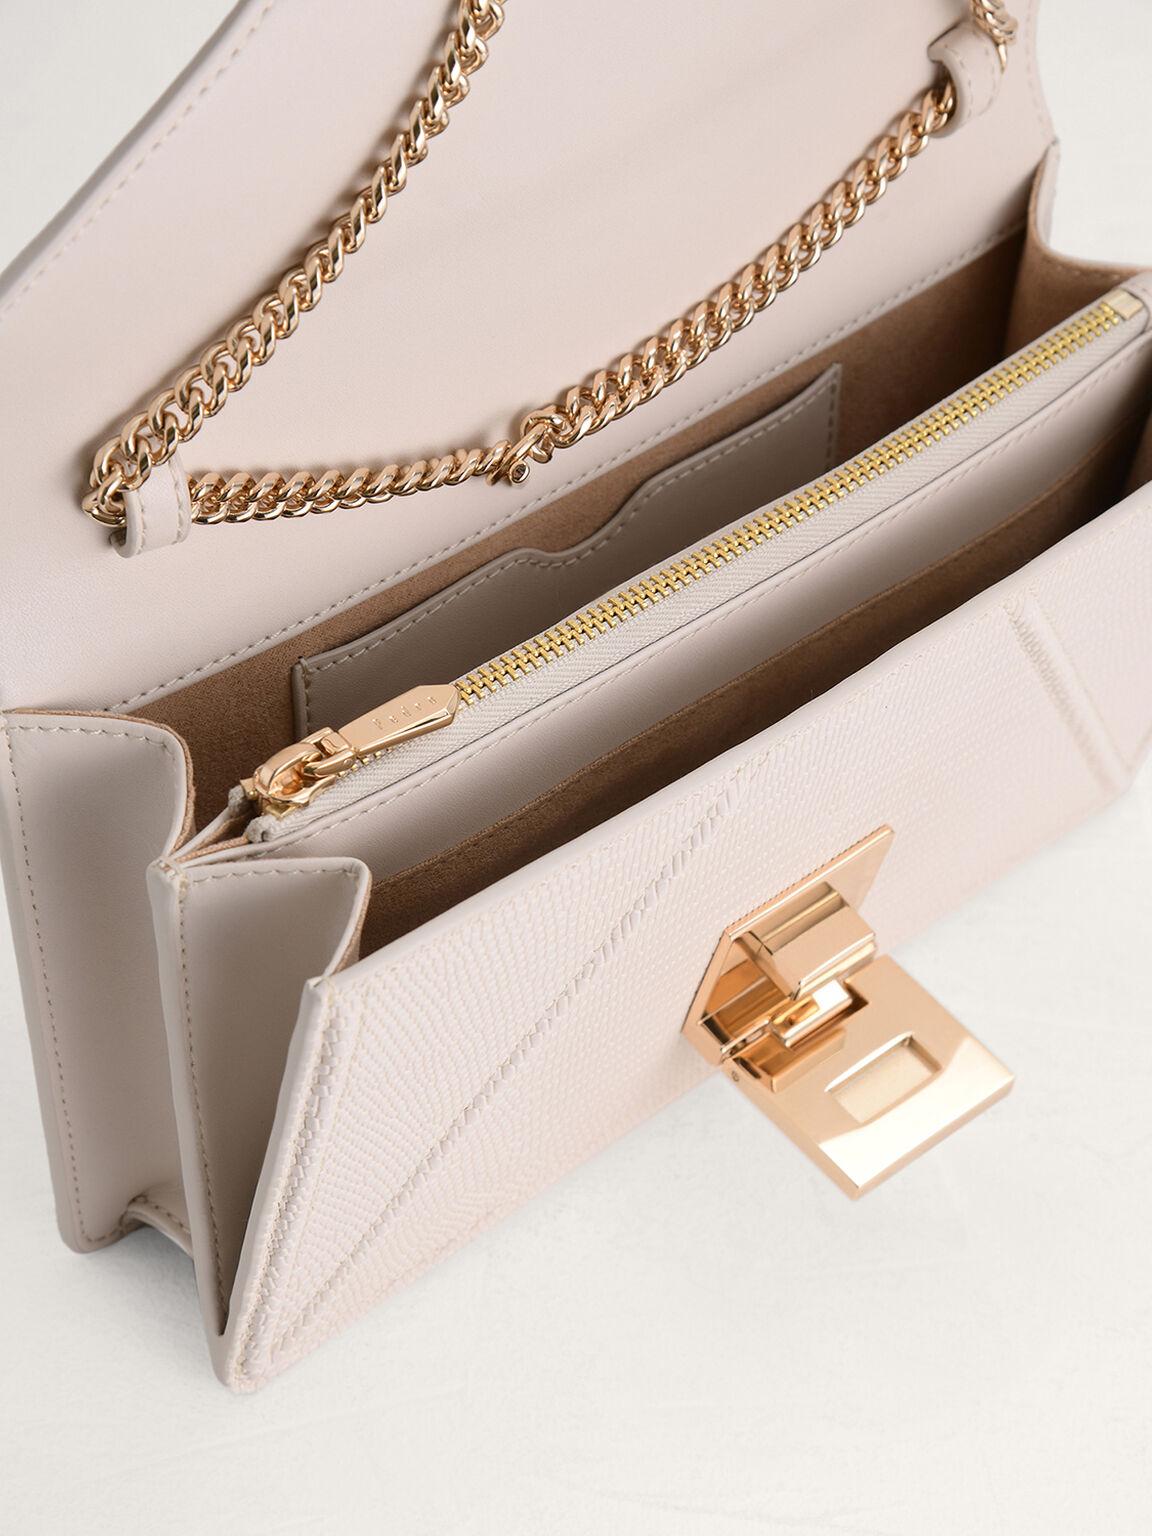 Lizard-Effect Leather Shoulder Bag, Taupe, hi-res